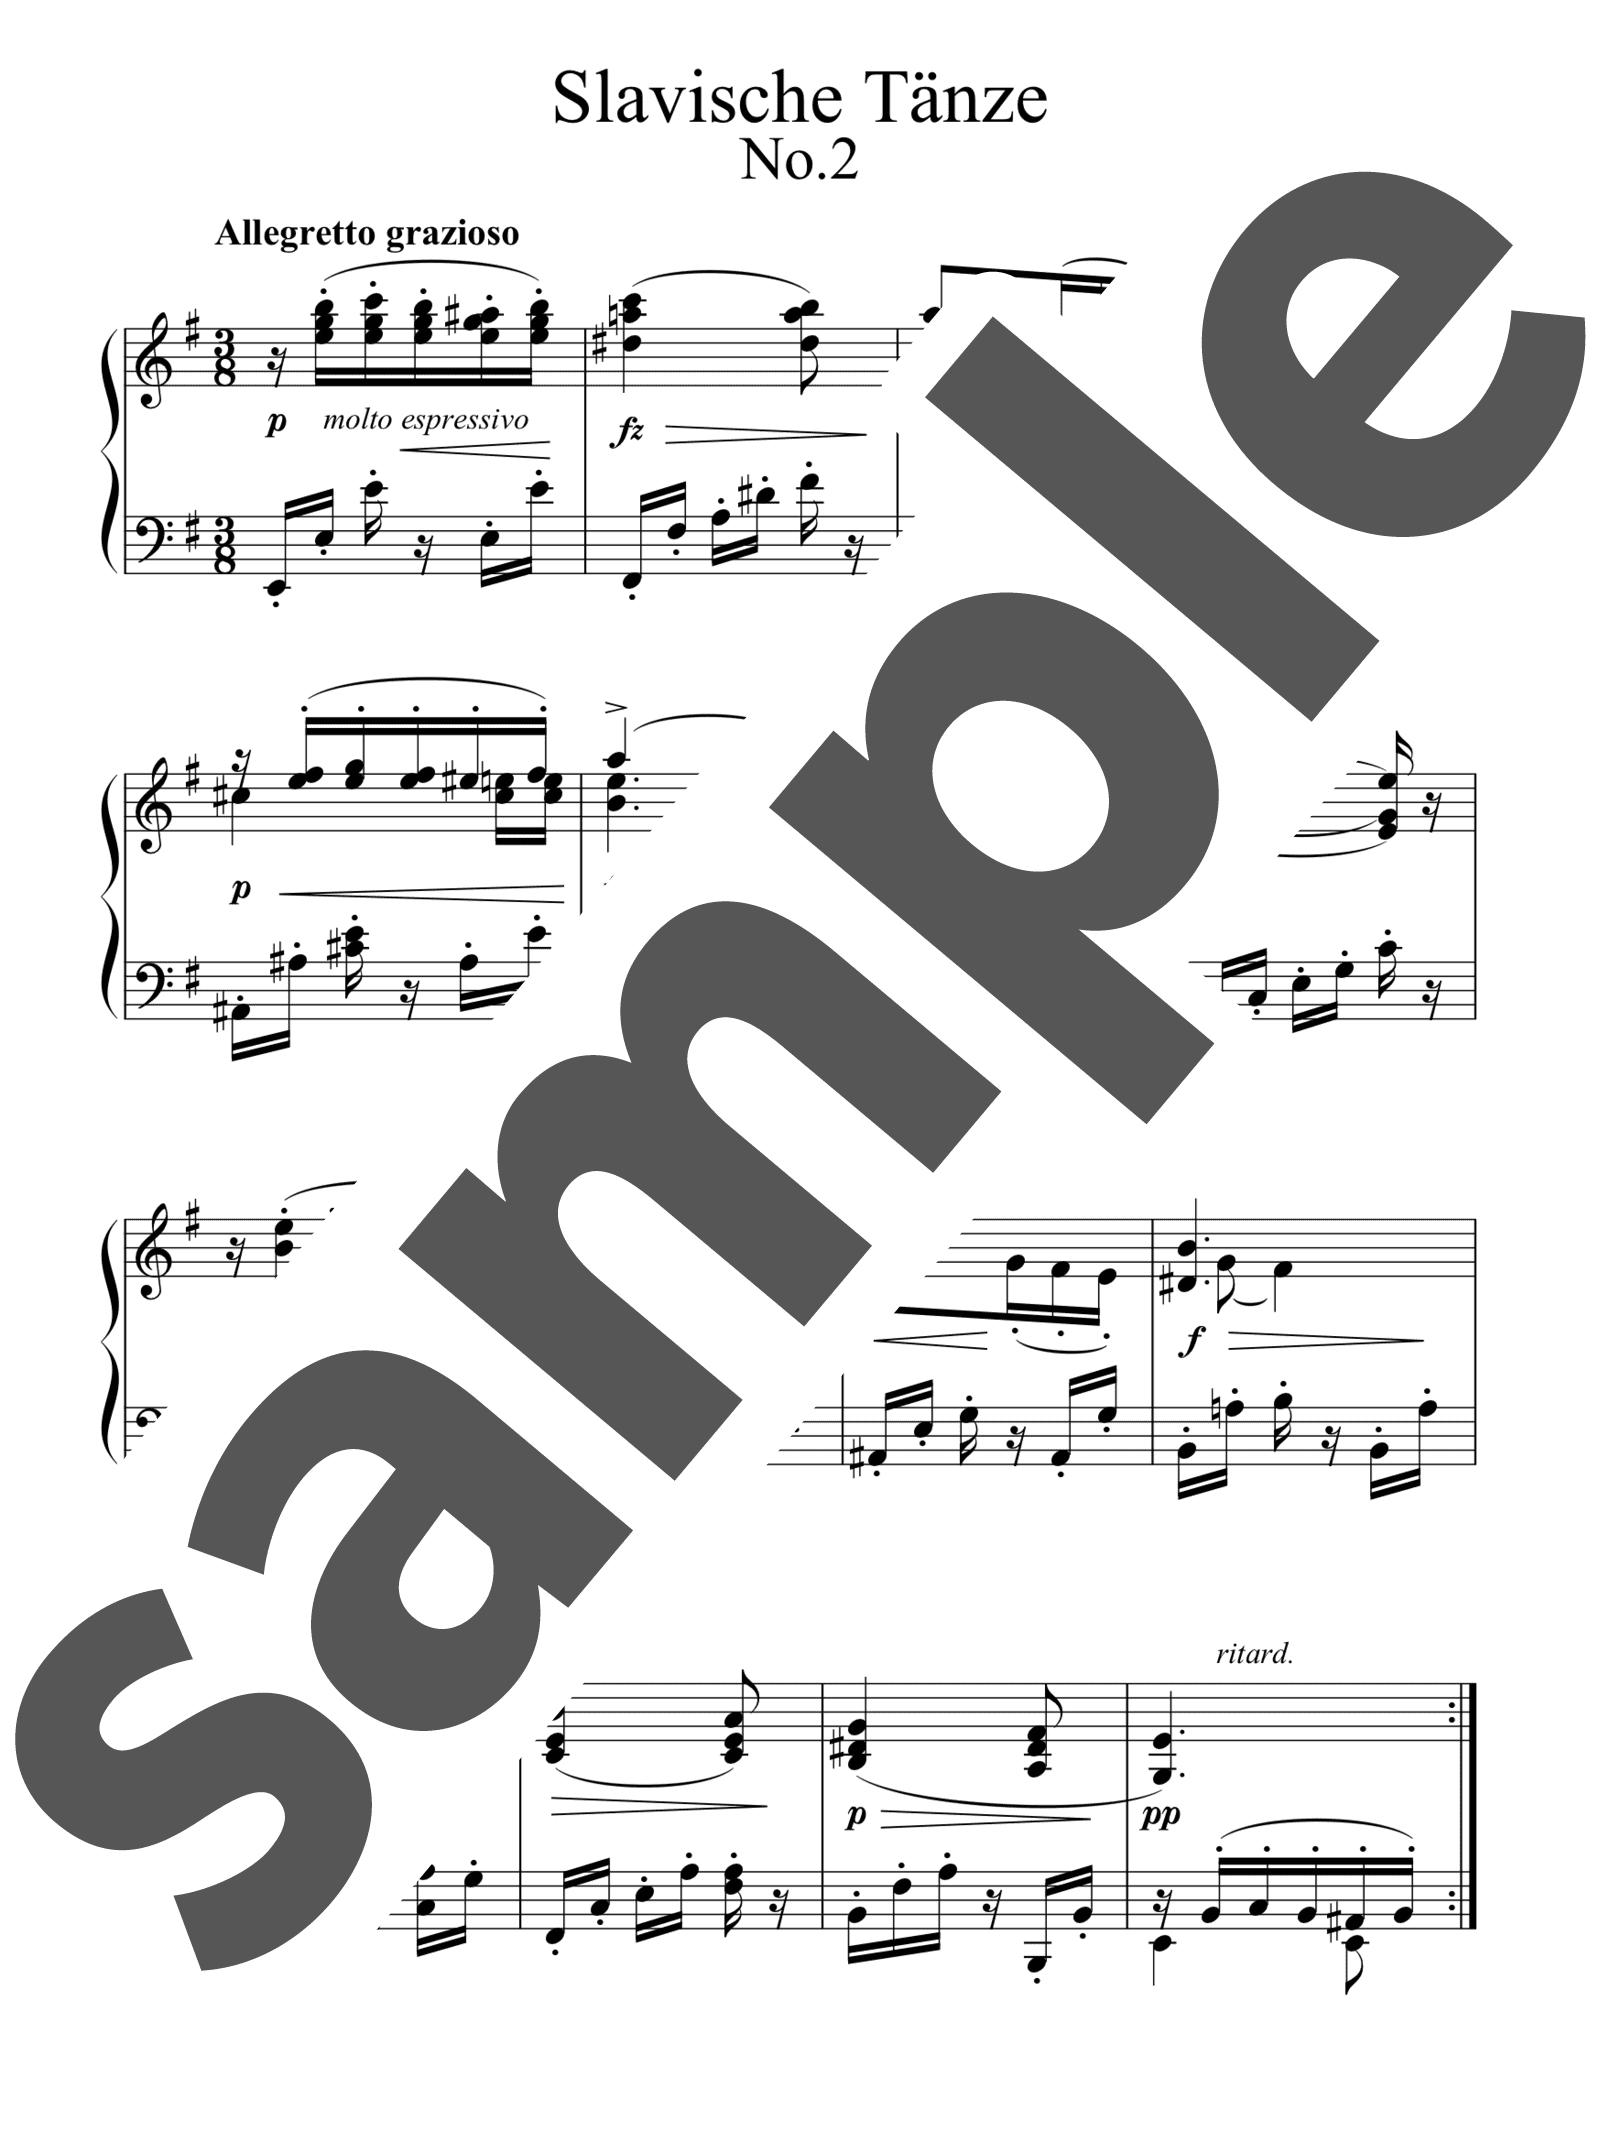 「スラブ舞曲集 第2集より第2番 ホ短調」のサンプル楽譜